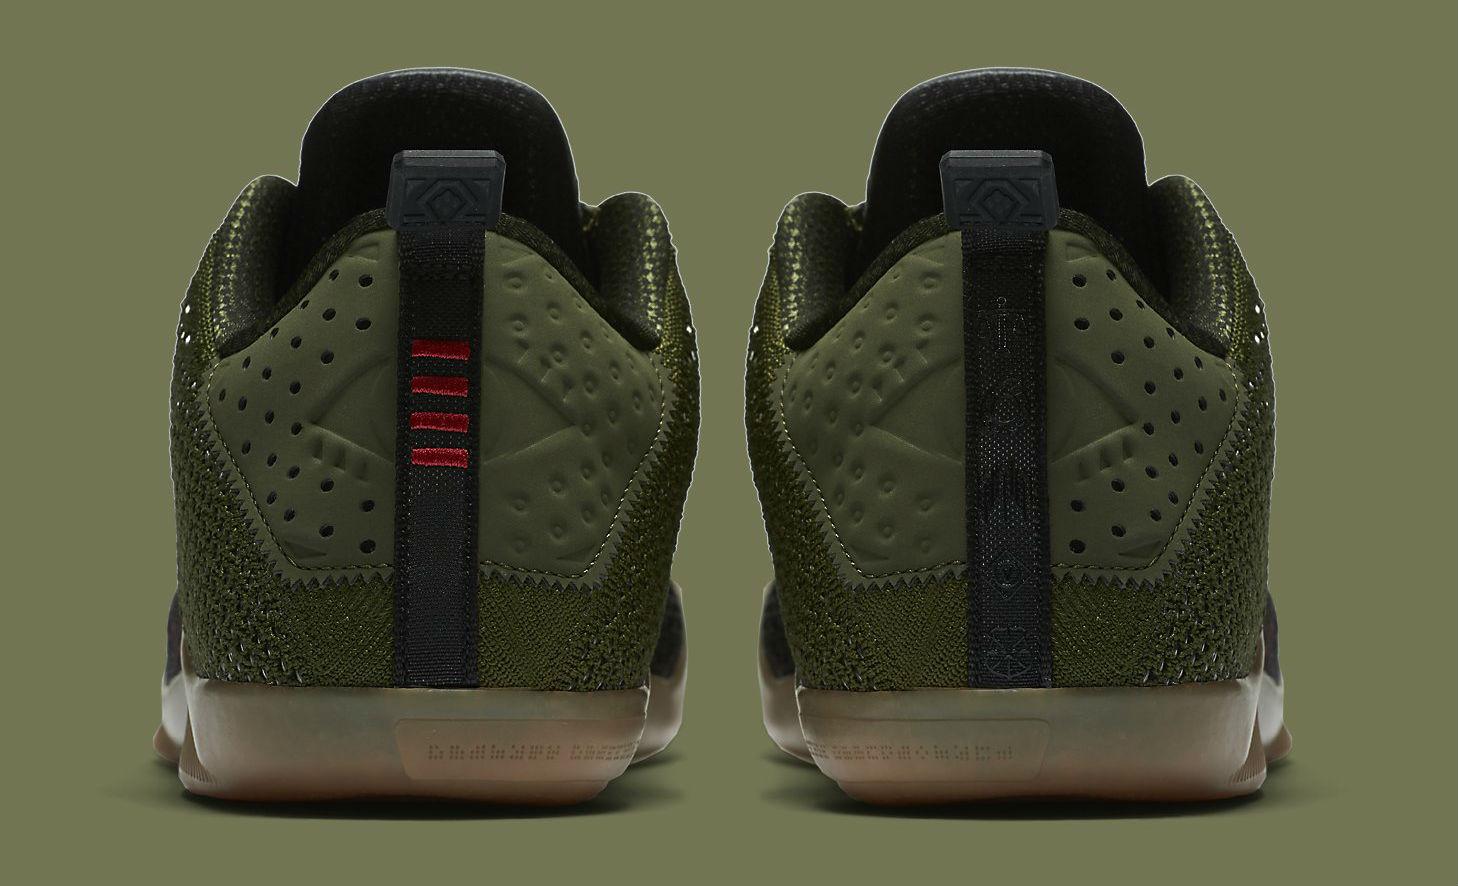 Nike Kobe 11 Black Horse Release Date